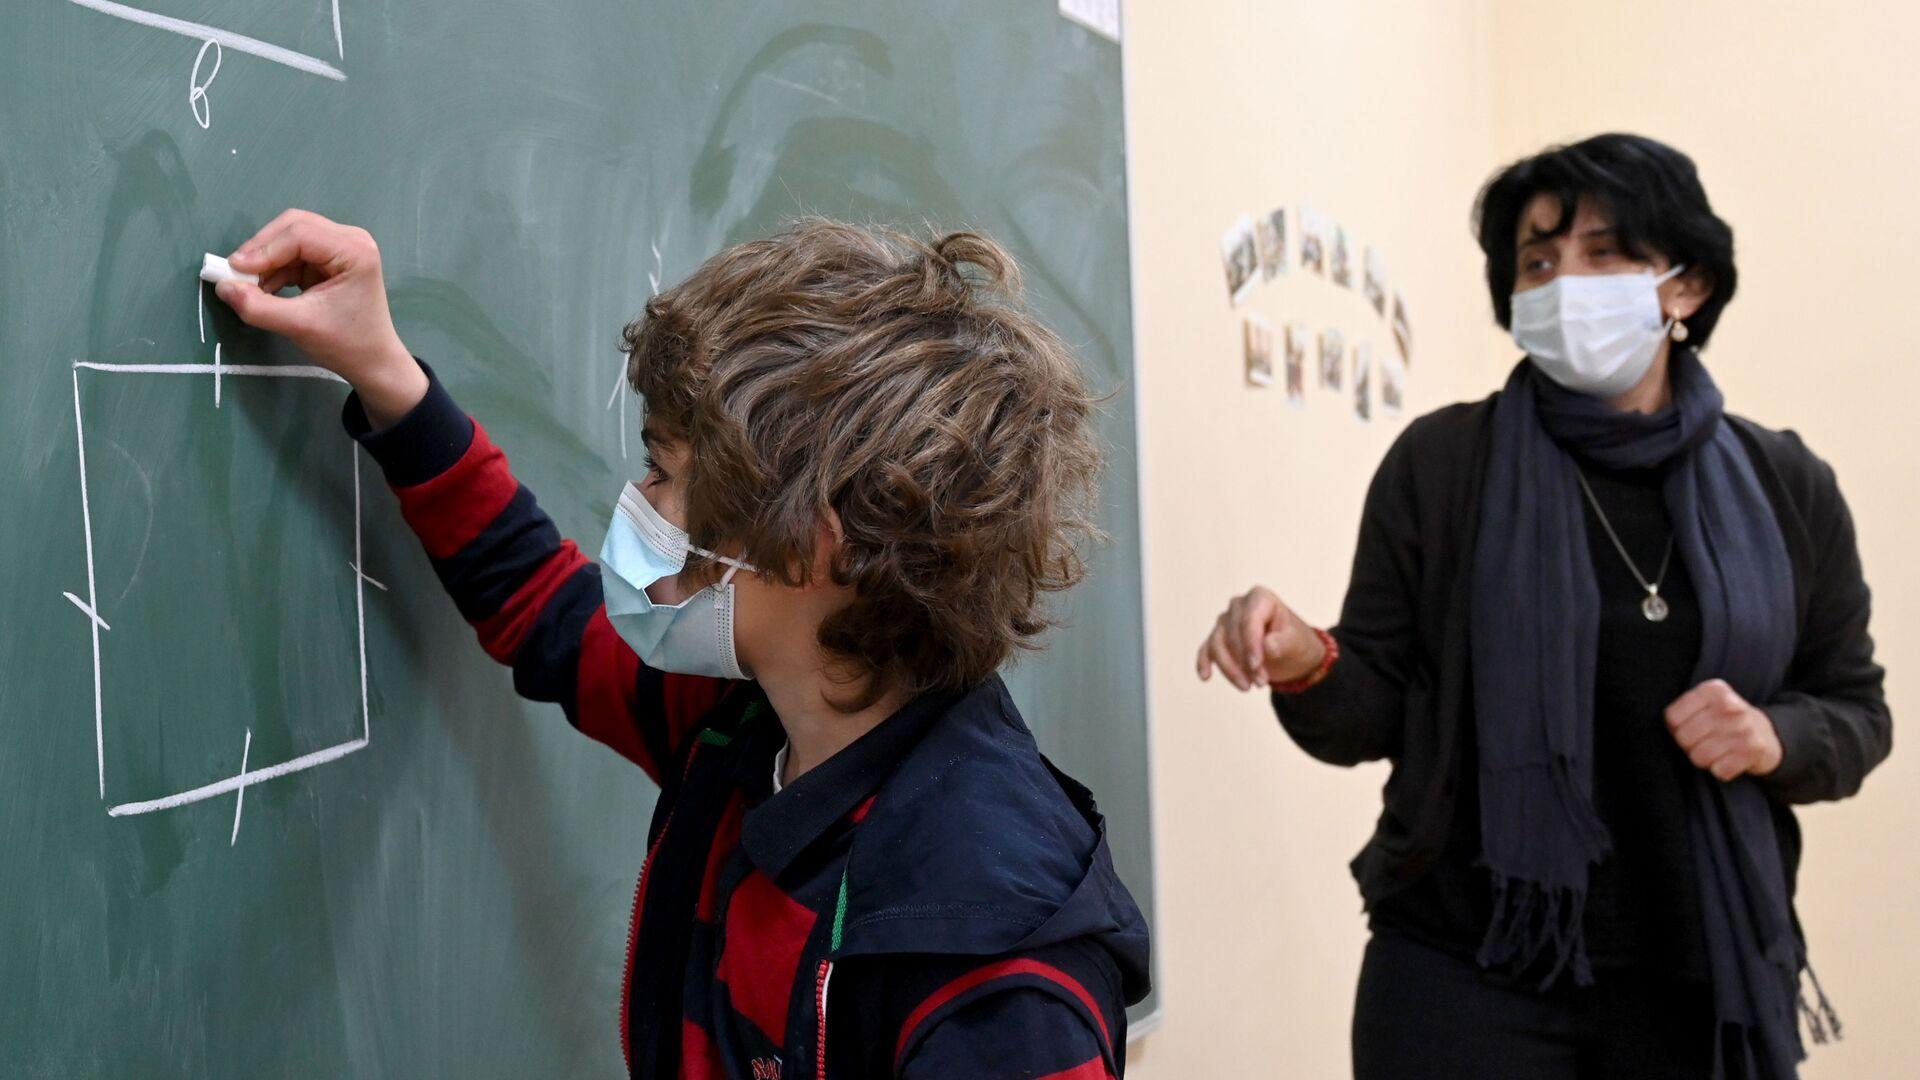 Учеба в школе во время эпидемии коронавируса - дети и педагоги в масках - Sputnik Грузия, 1920, 13.09.2021